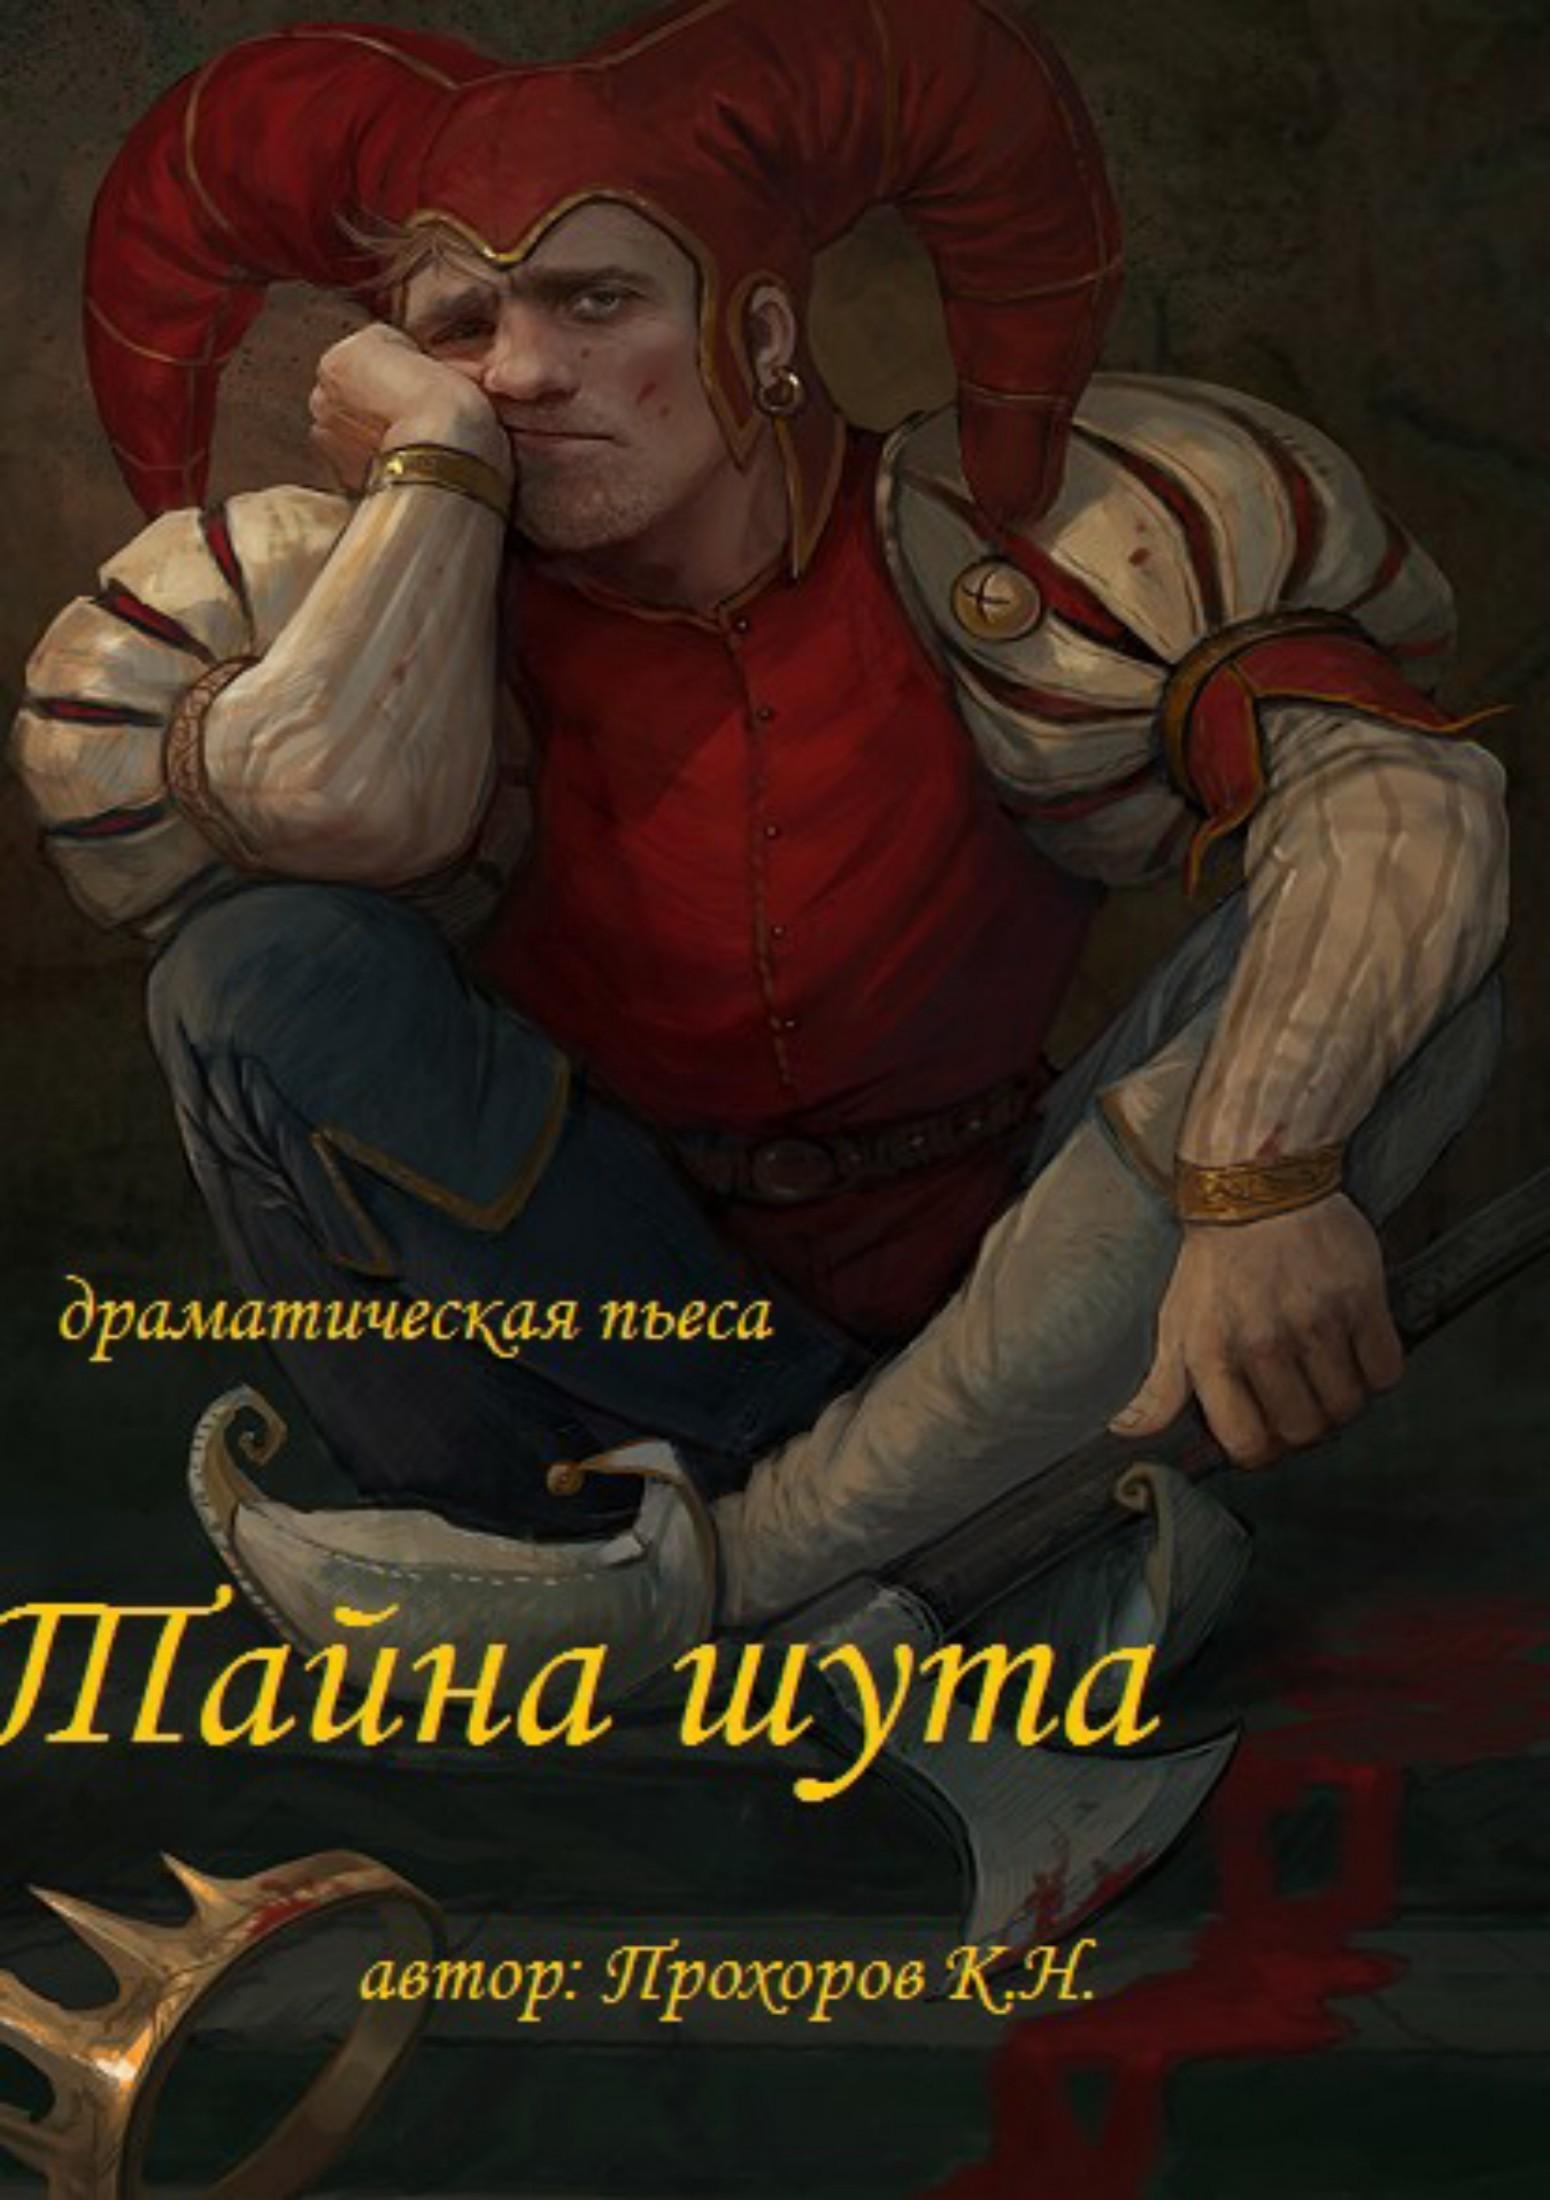 Константин Николаевич Прохоров бесплатно